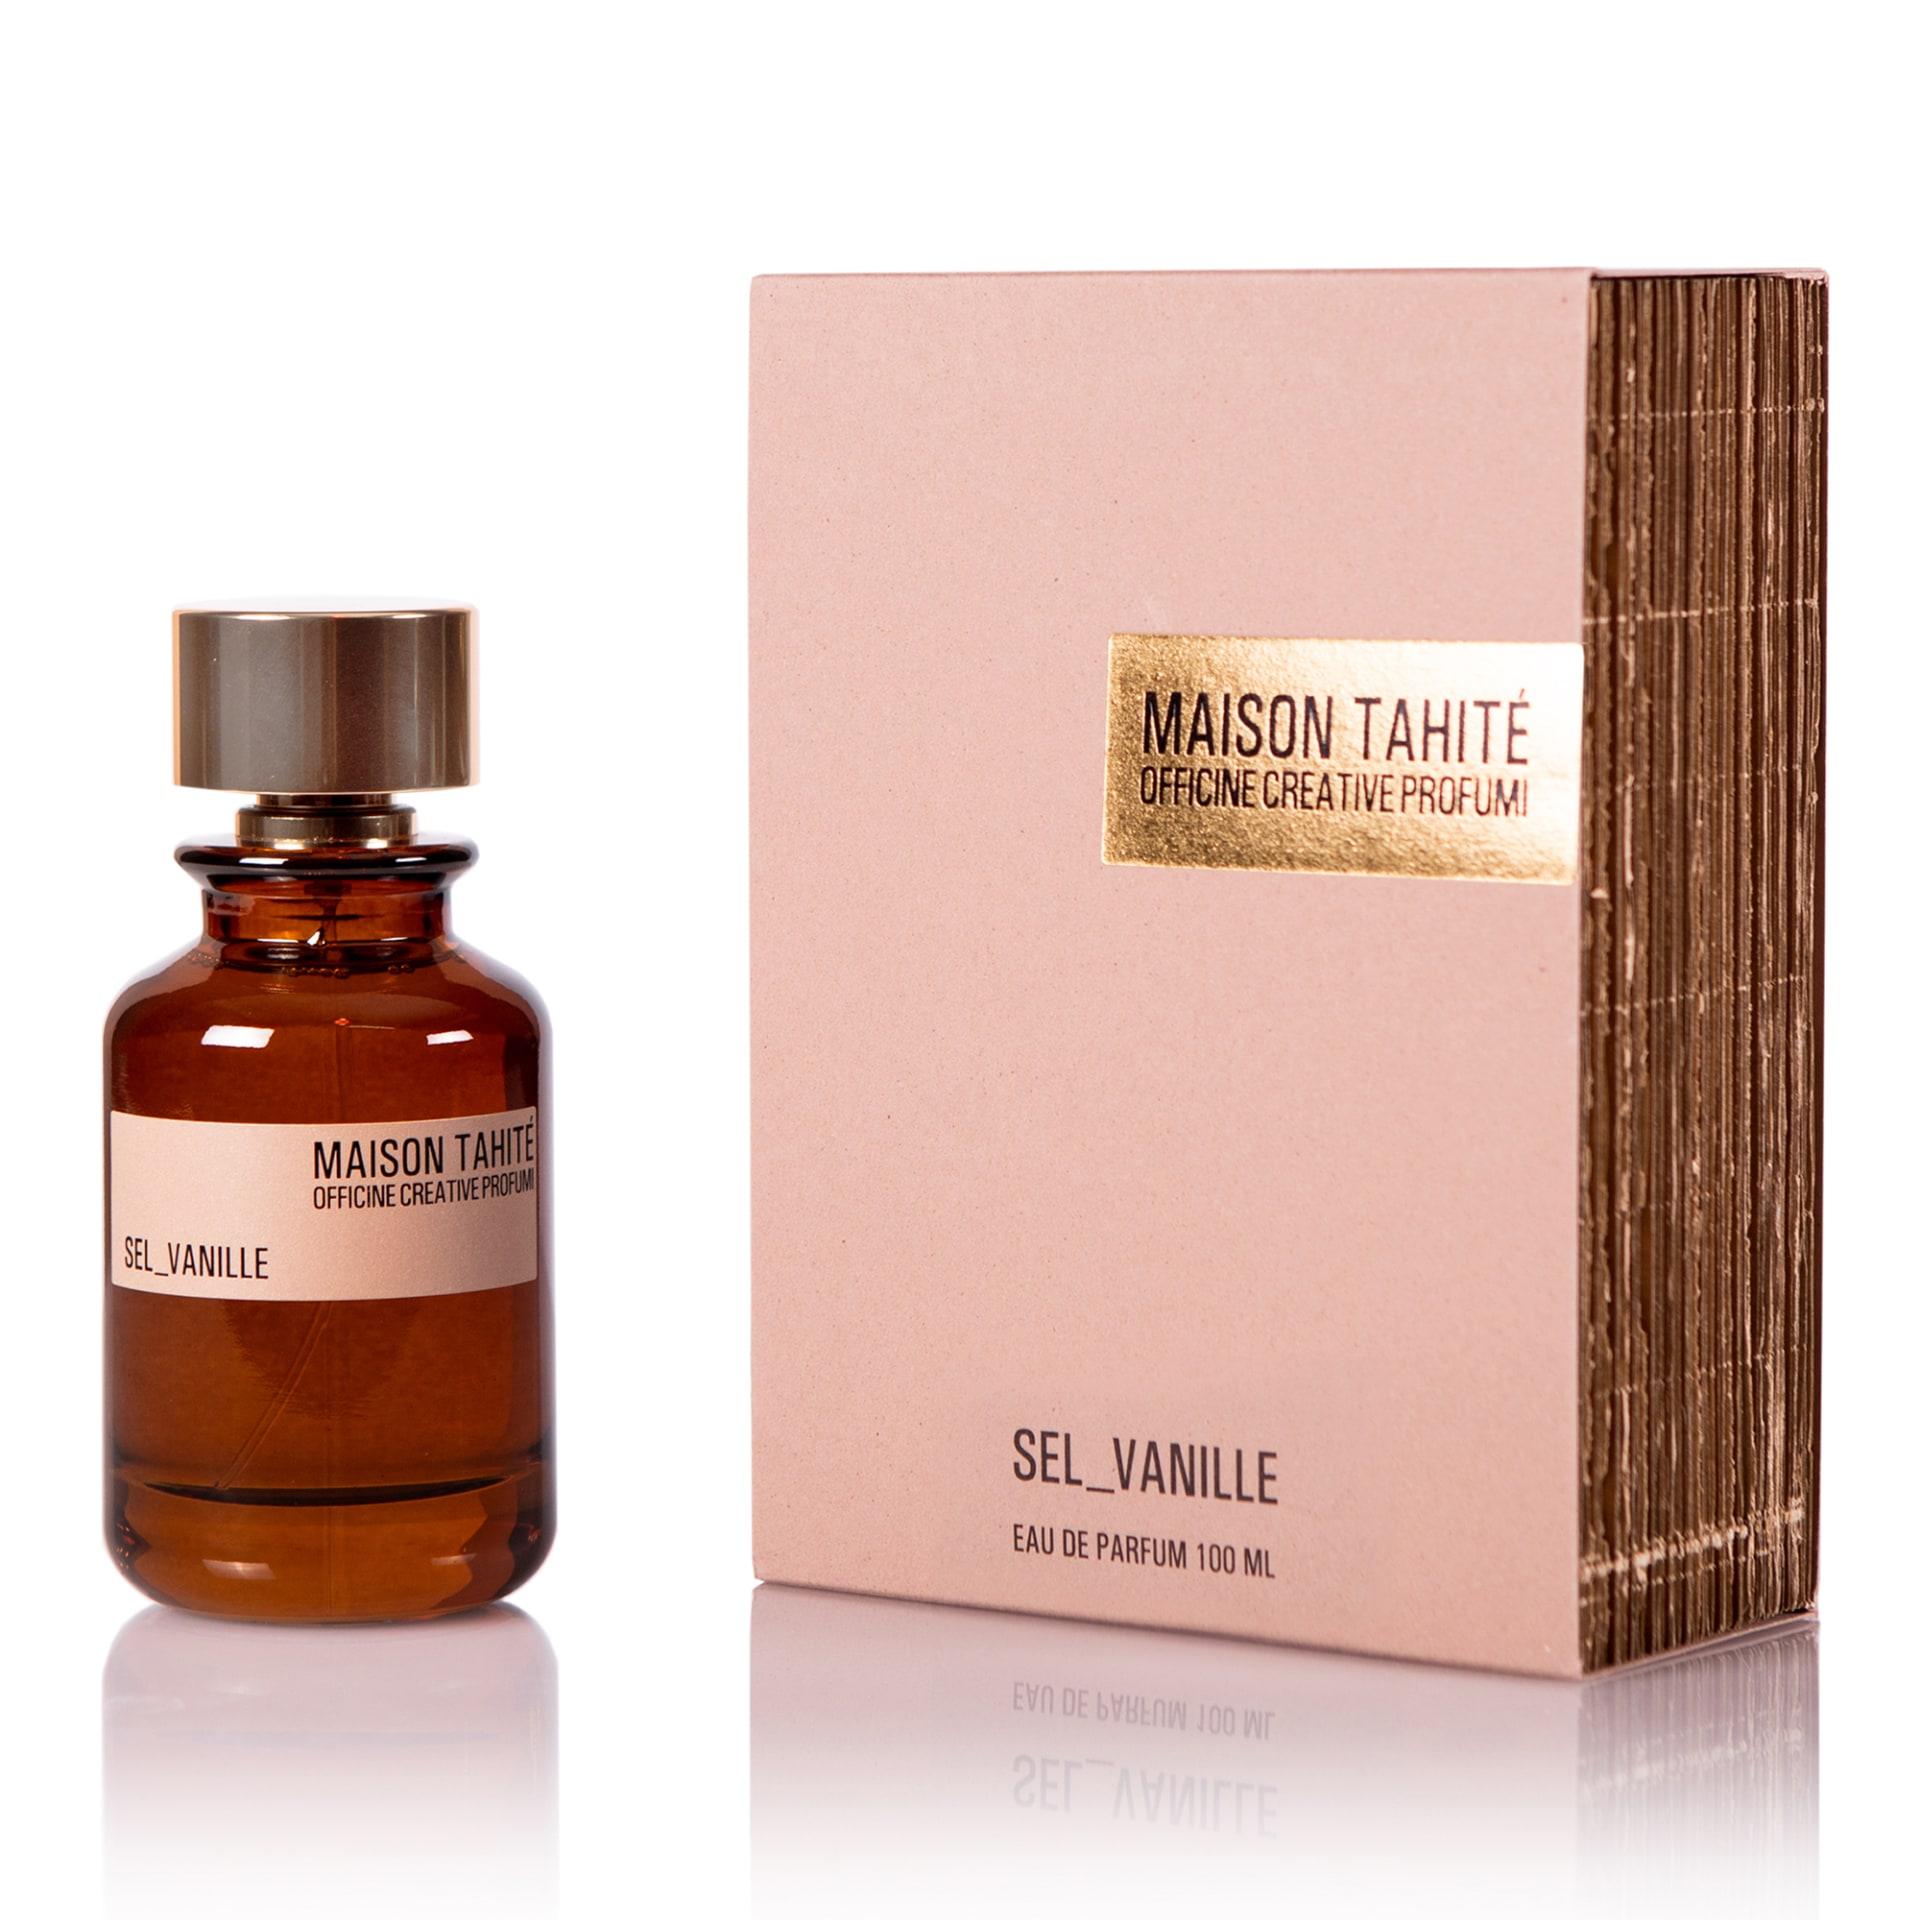 maison-tahite-sel-vanille-1